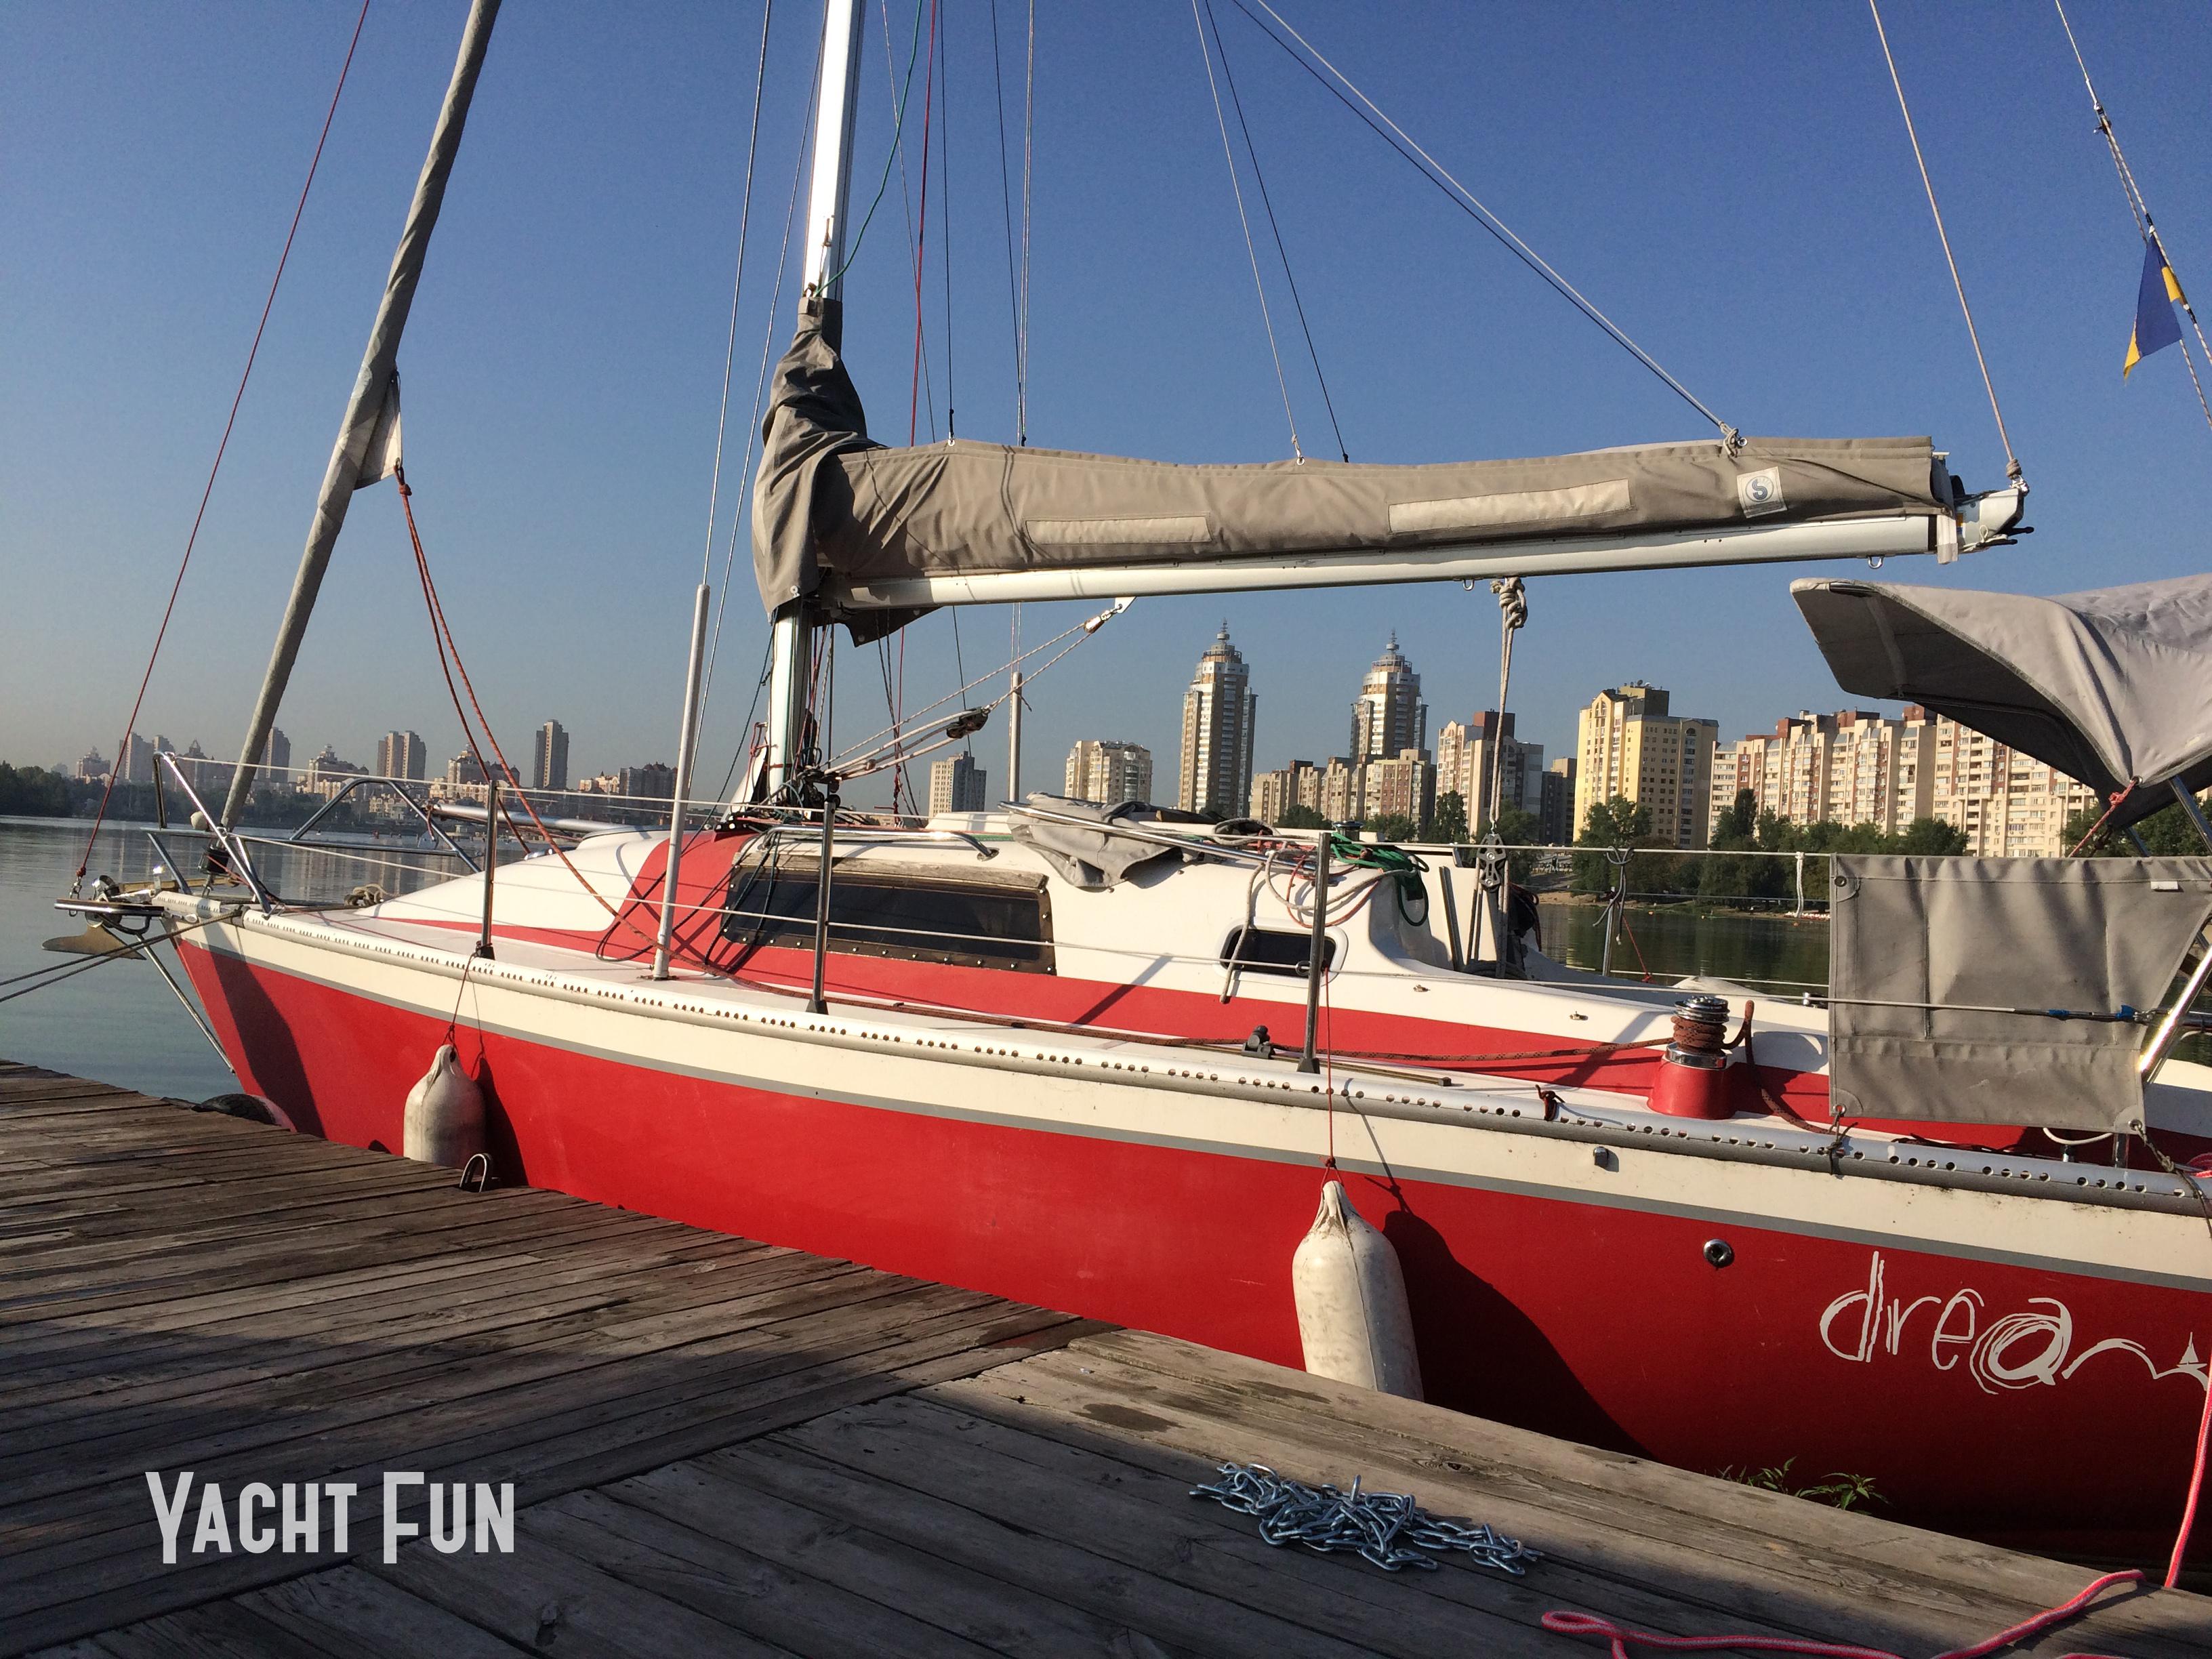 Dreamer (23) YachtFun